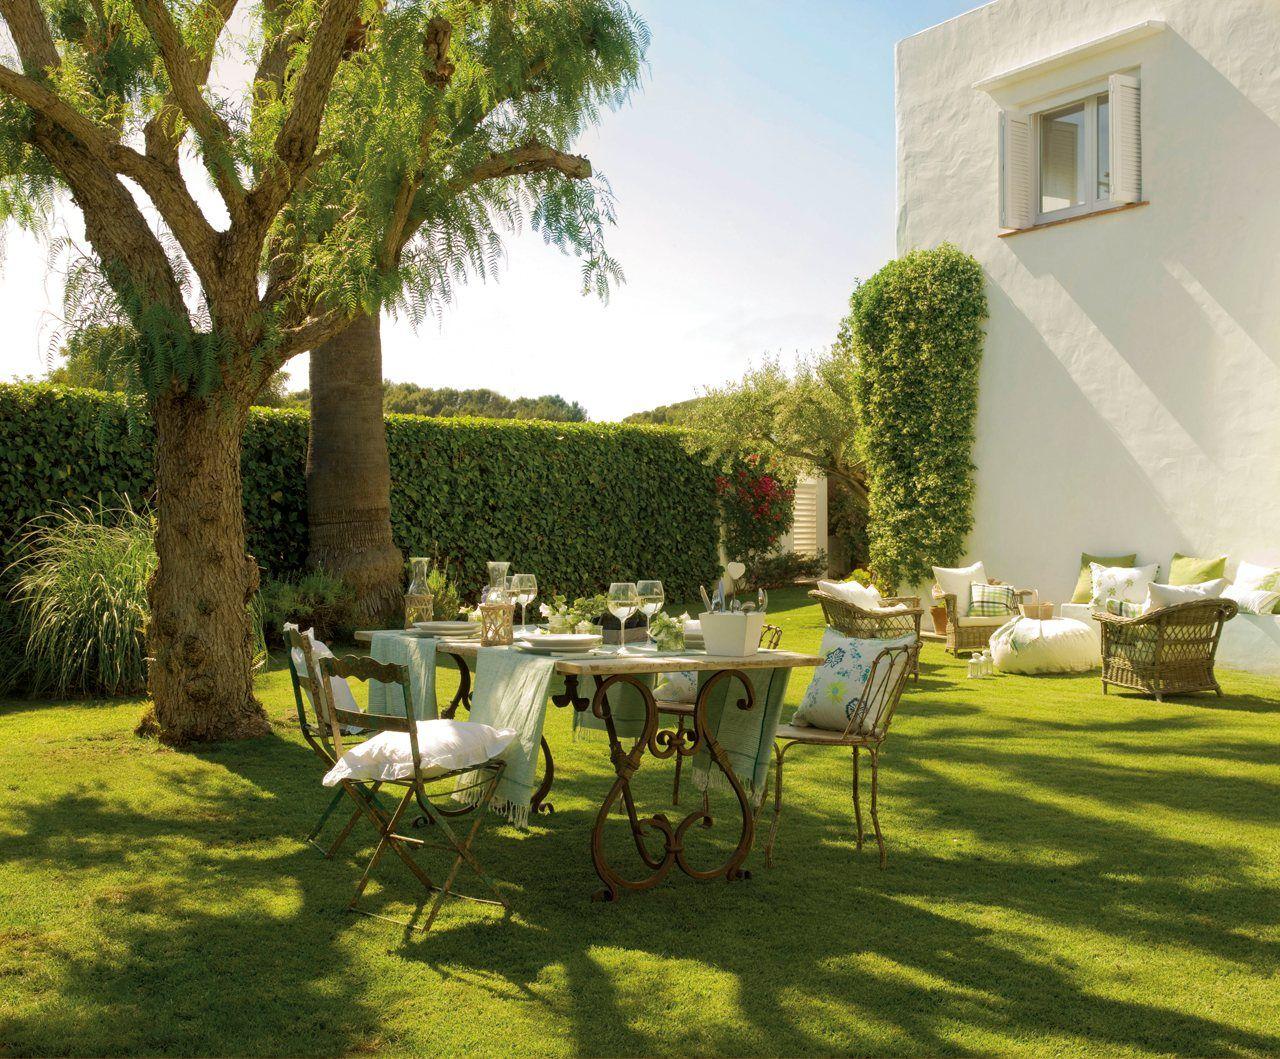 Como una casa en el campo etxeak casas terraza jardin - Casa con jardin barcelona ...